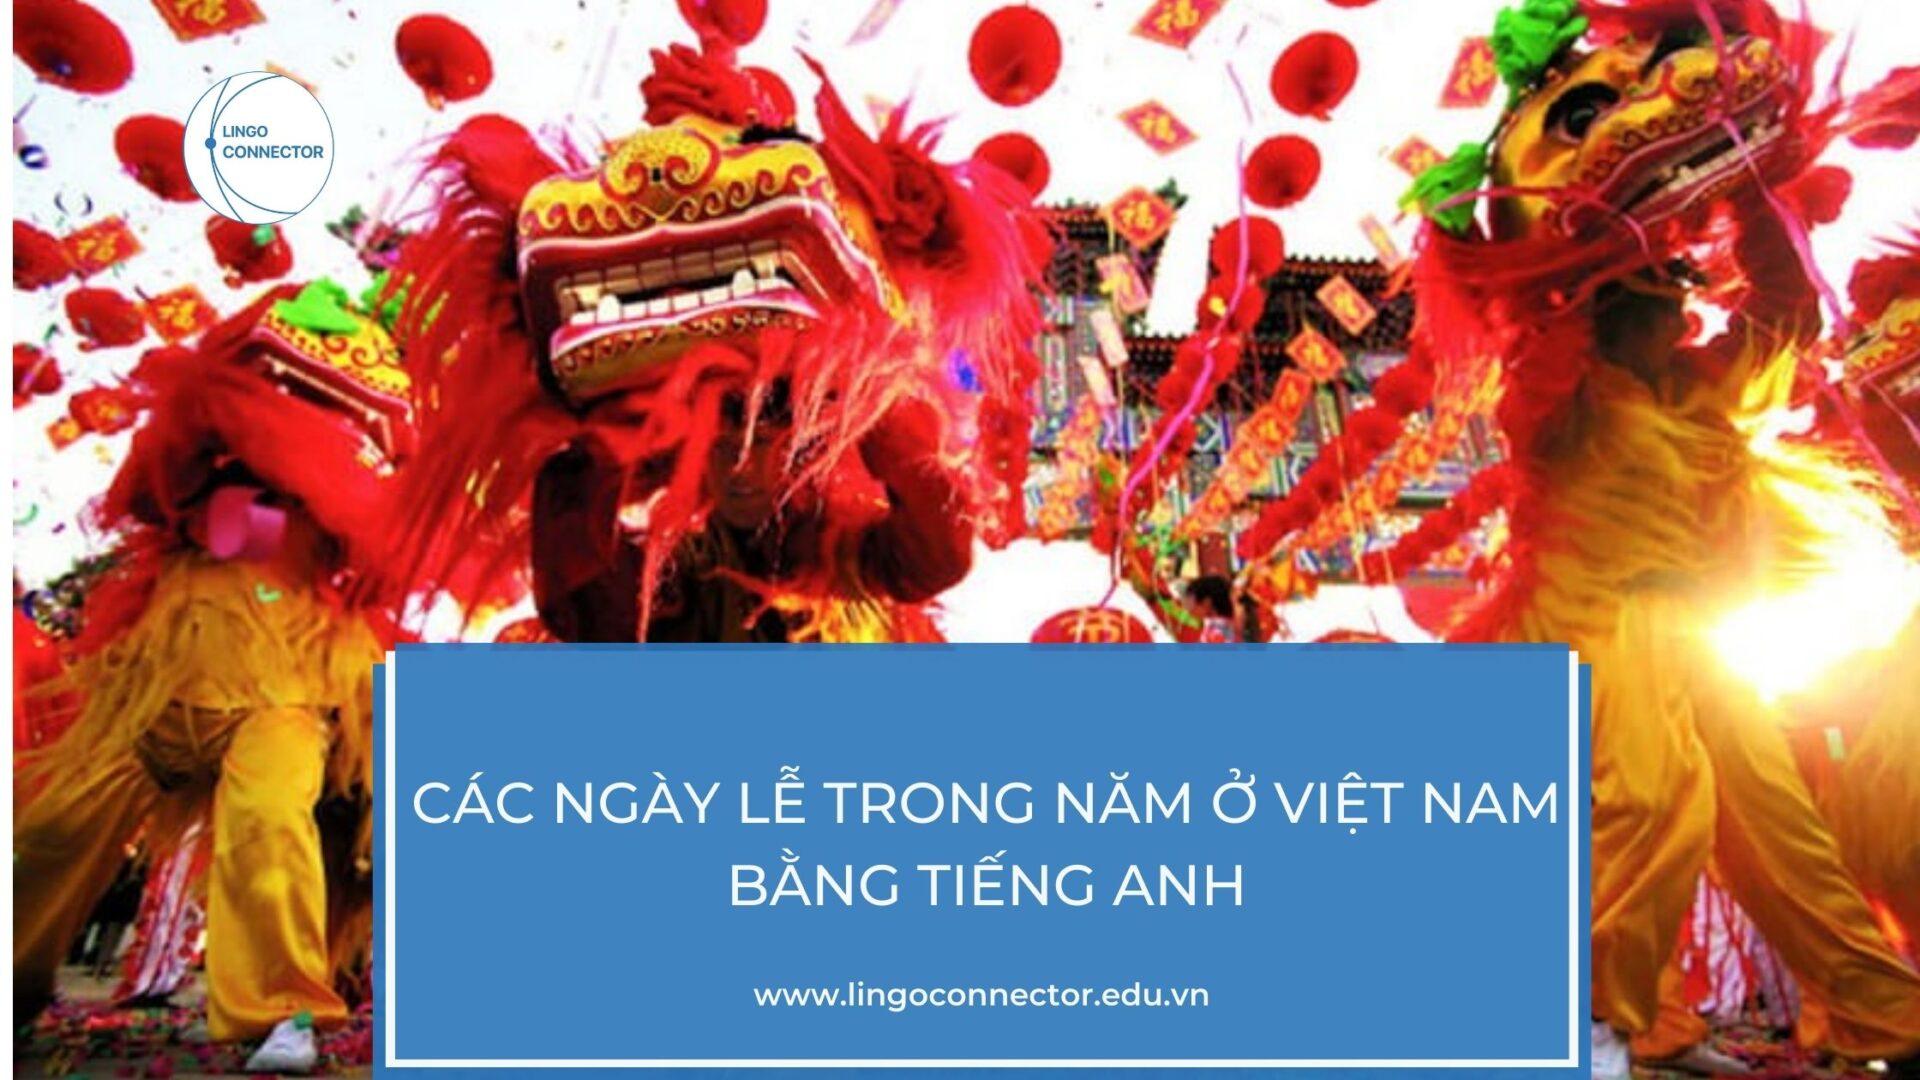 Các ngày lễ trong năm ở Việt Nam bằng Tiếng Anh